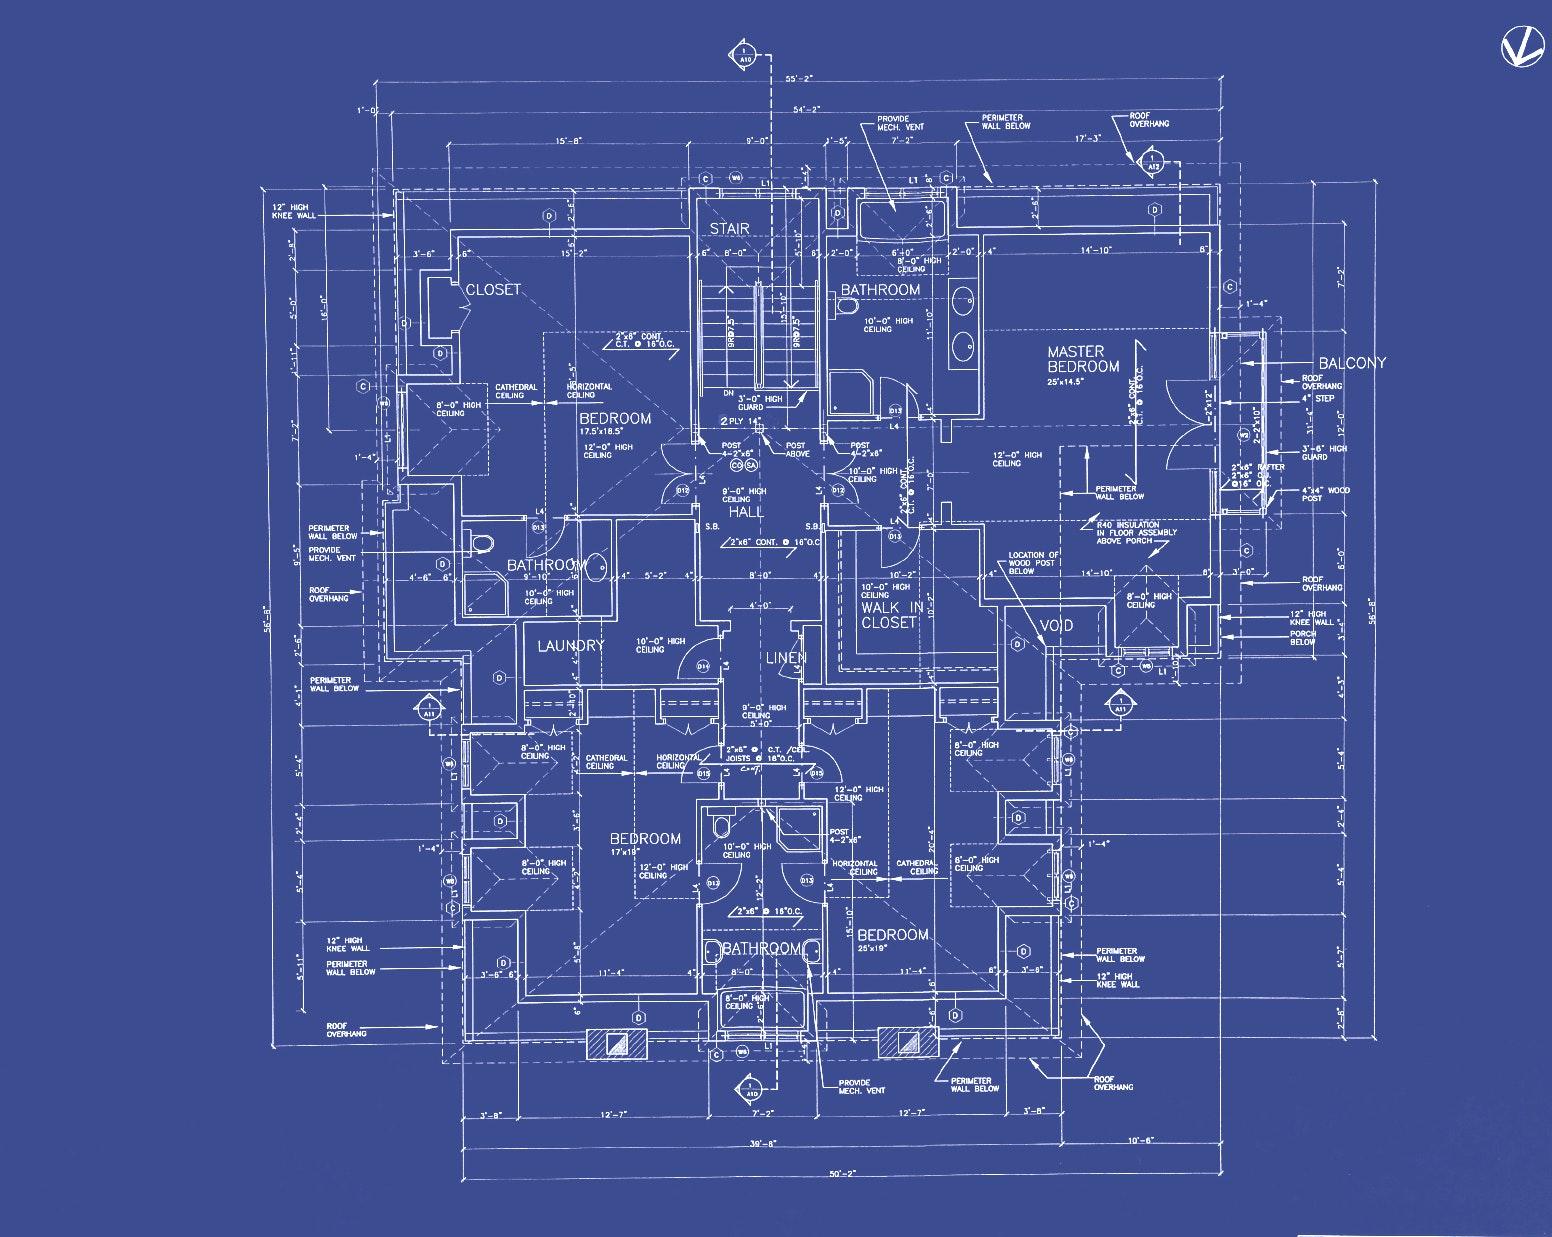 floor-plans-blueprints-fresh-in-inspiring-briliant-house-bq1hs2.jpg